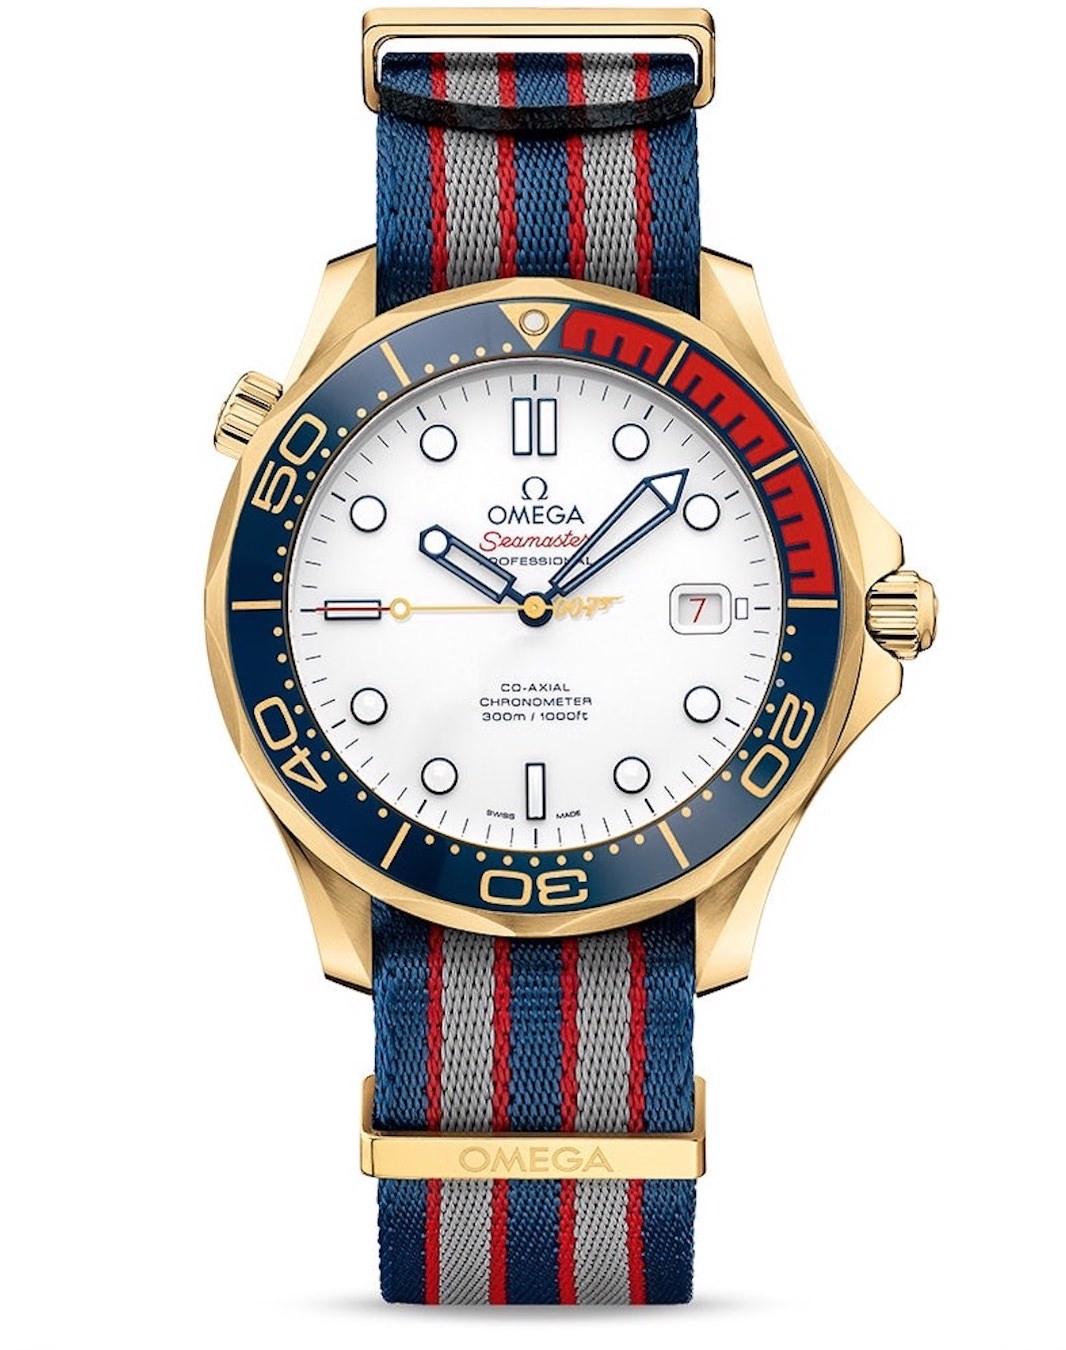 Die Omega Seamaster 300M Commanders Watch